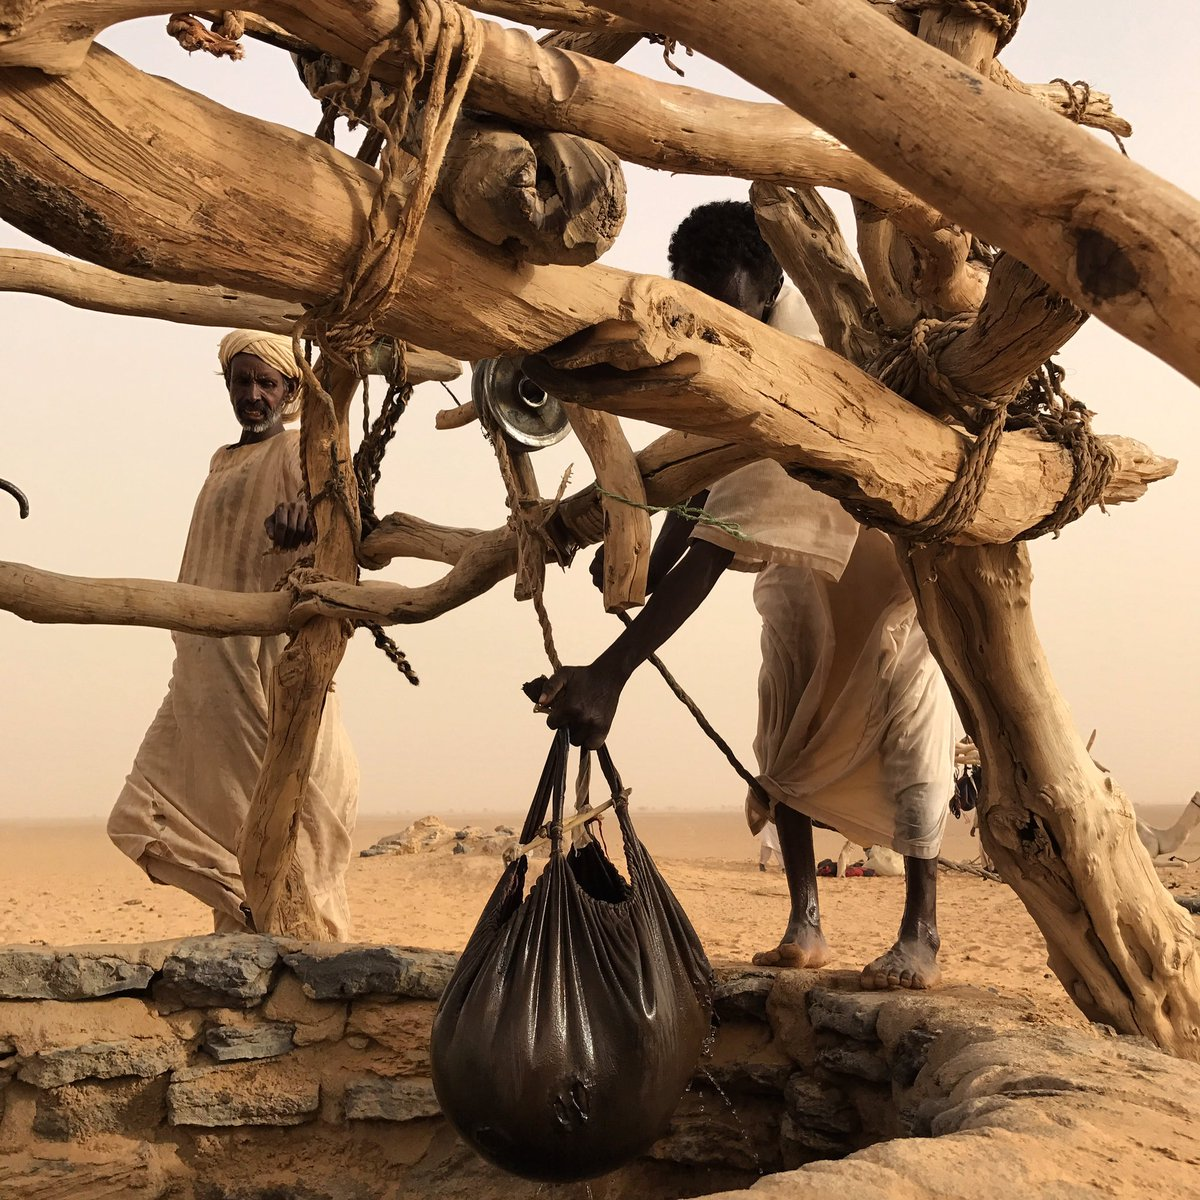 上图:撒哈拉沙漠的贝都因人用山羊皮水袋从Bayuda Desert的井里打水,皮袋包着水,就像云「将水包在密云中,云却不破裂」(伯二十六8)。